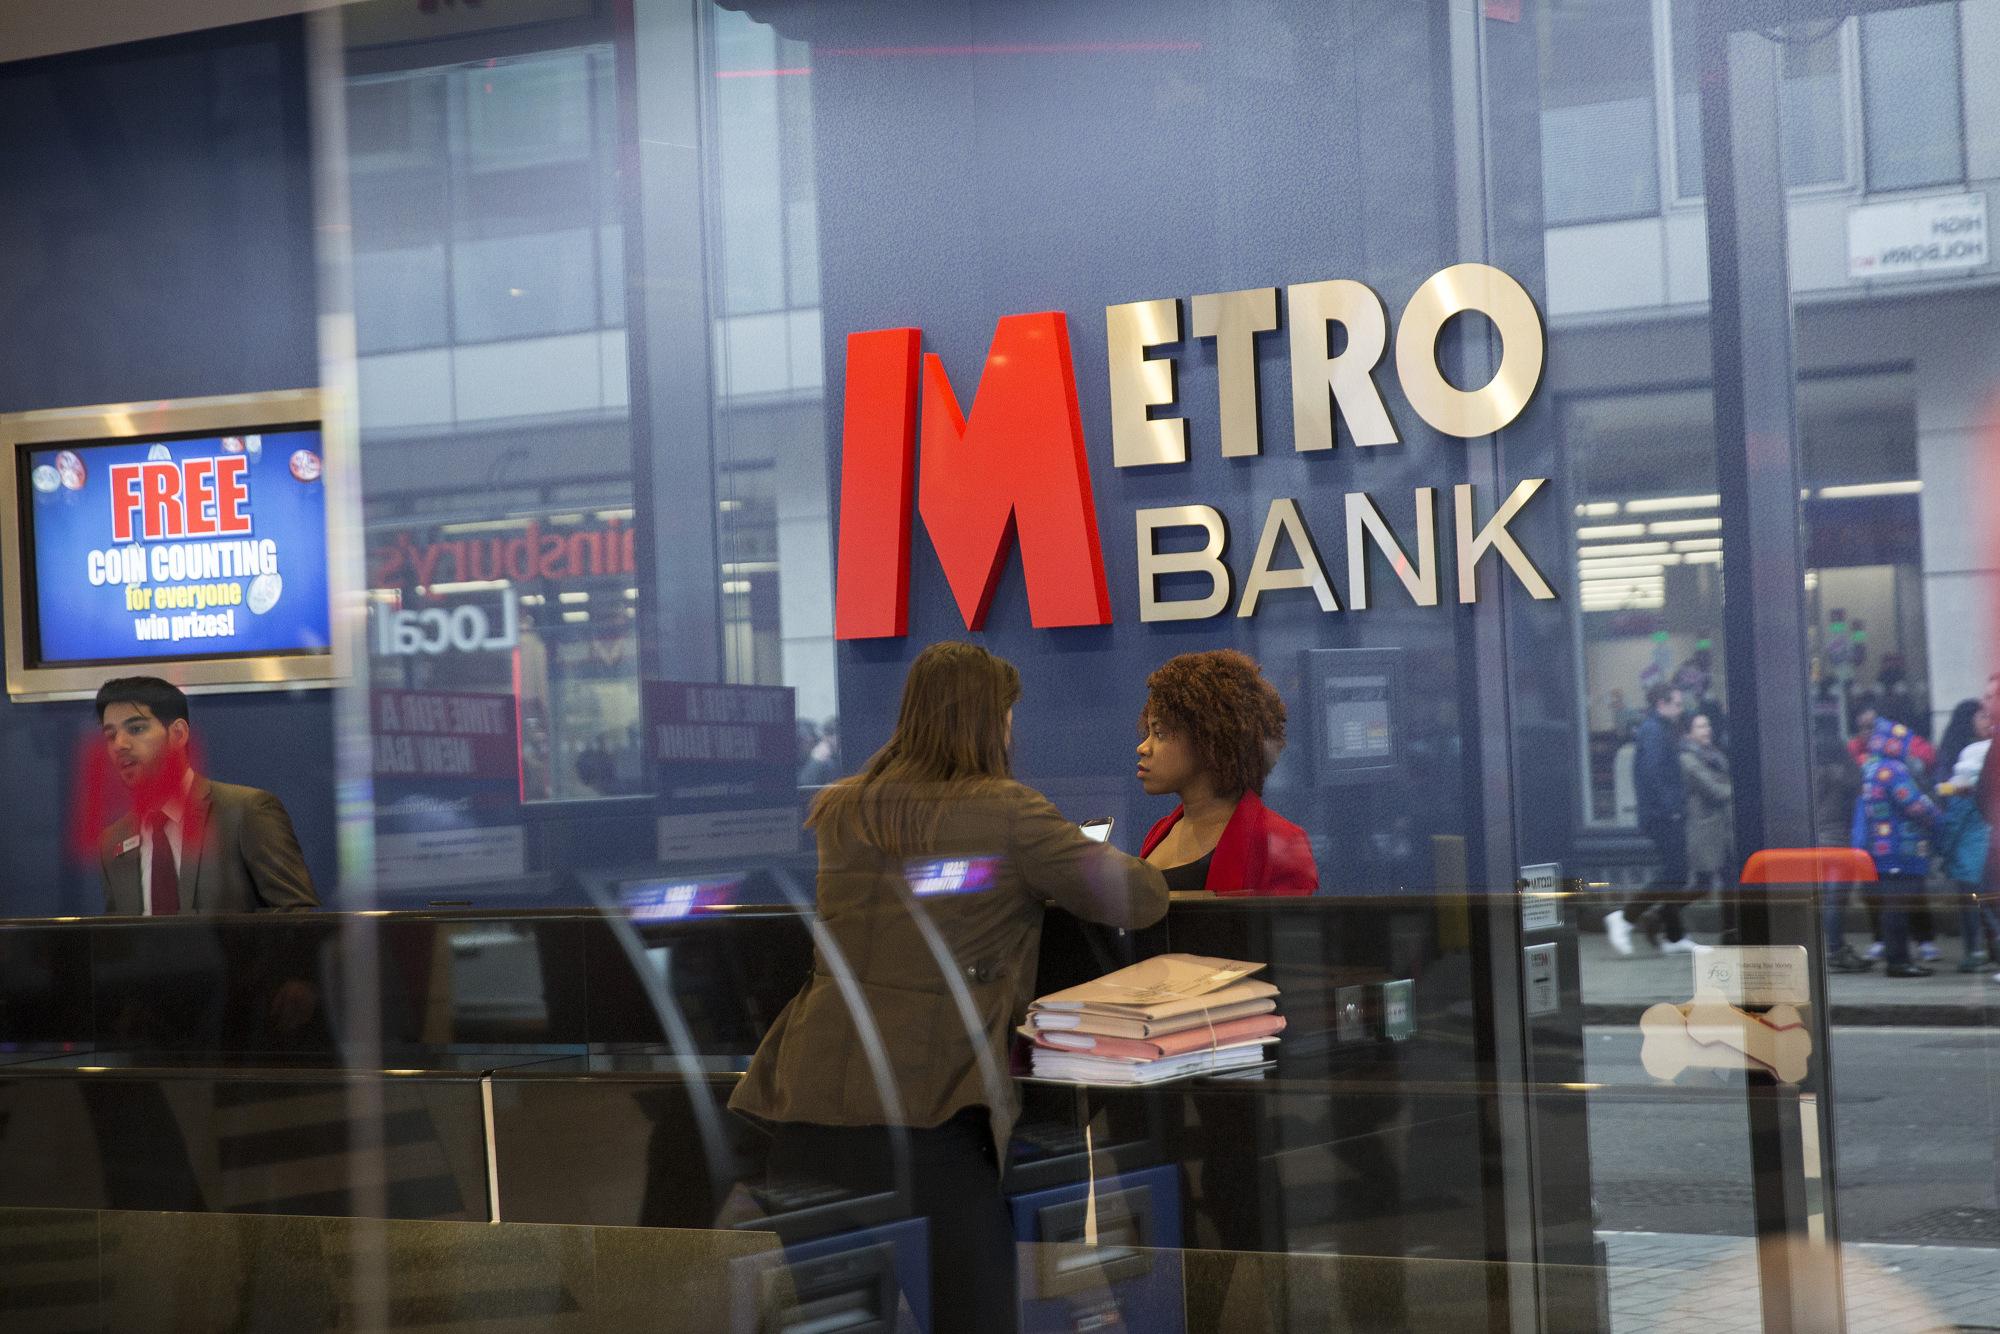 Metro Bank Shares Plunge to Record Low as Regulators Circle